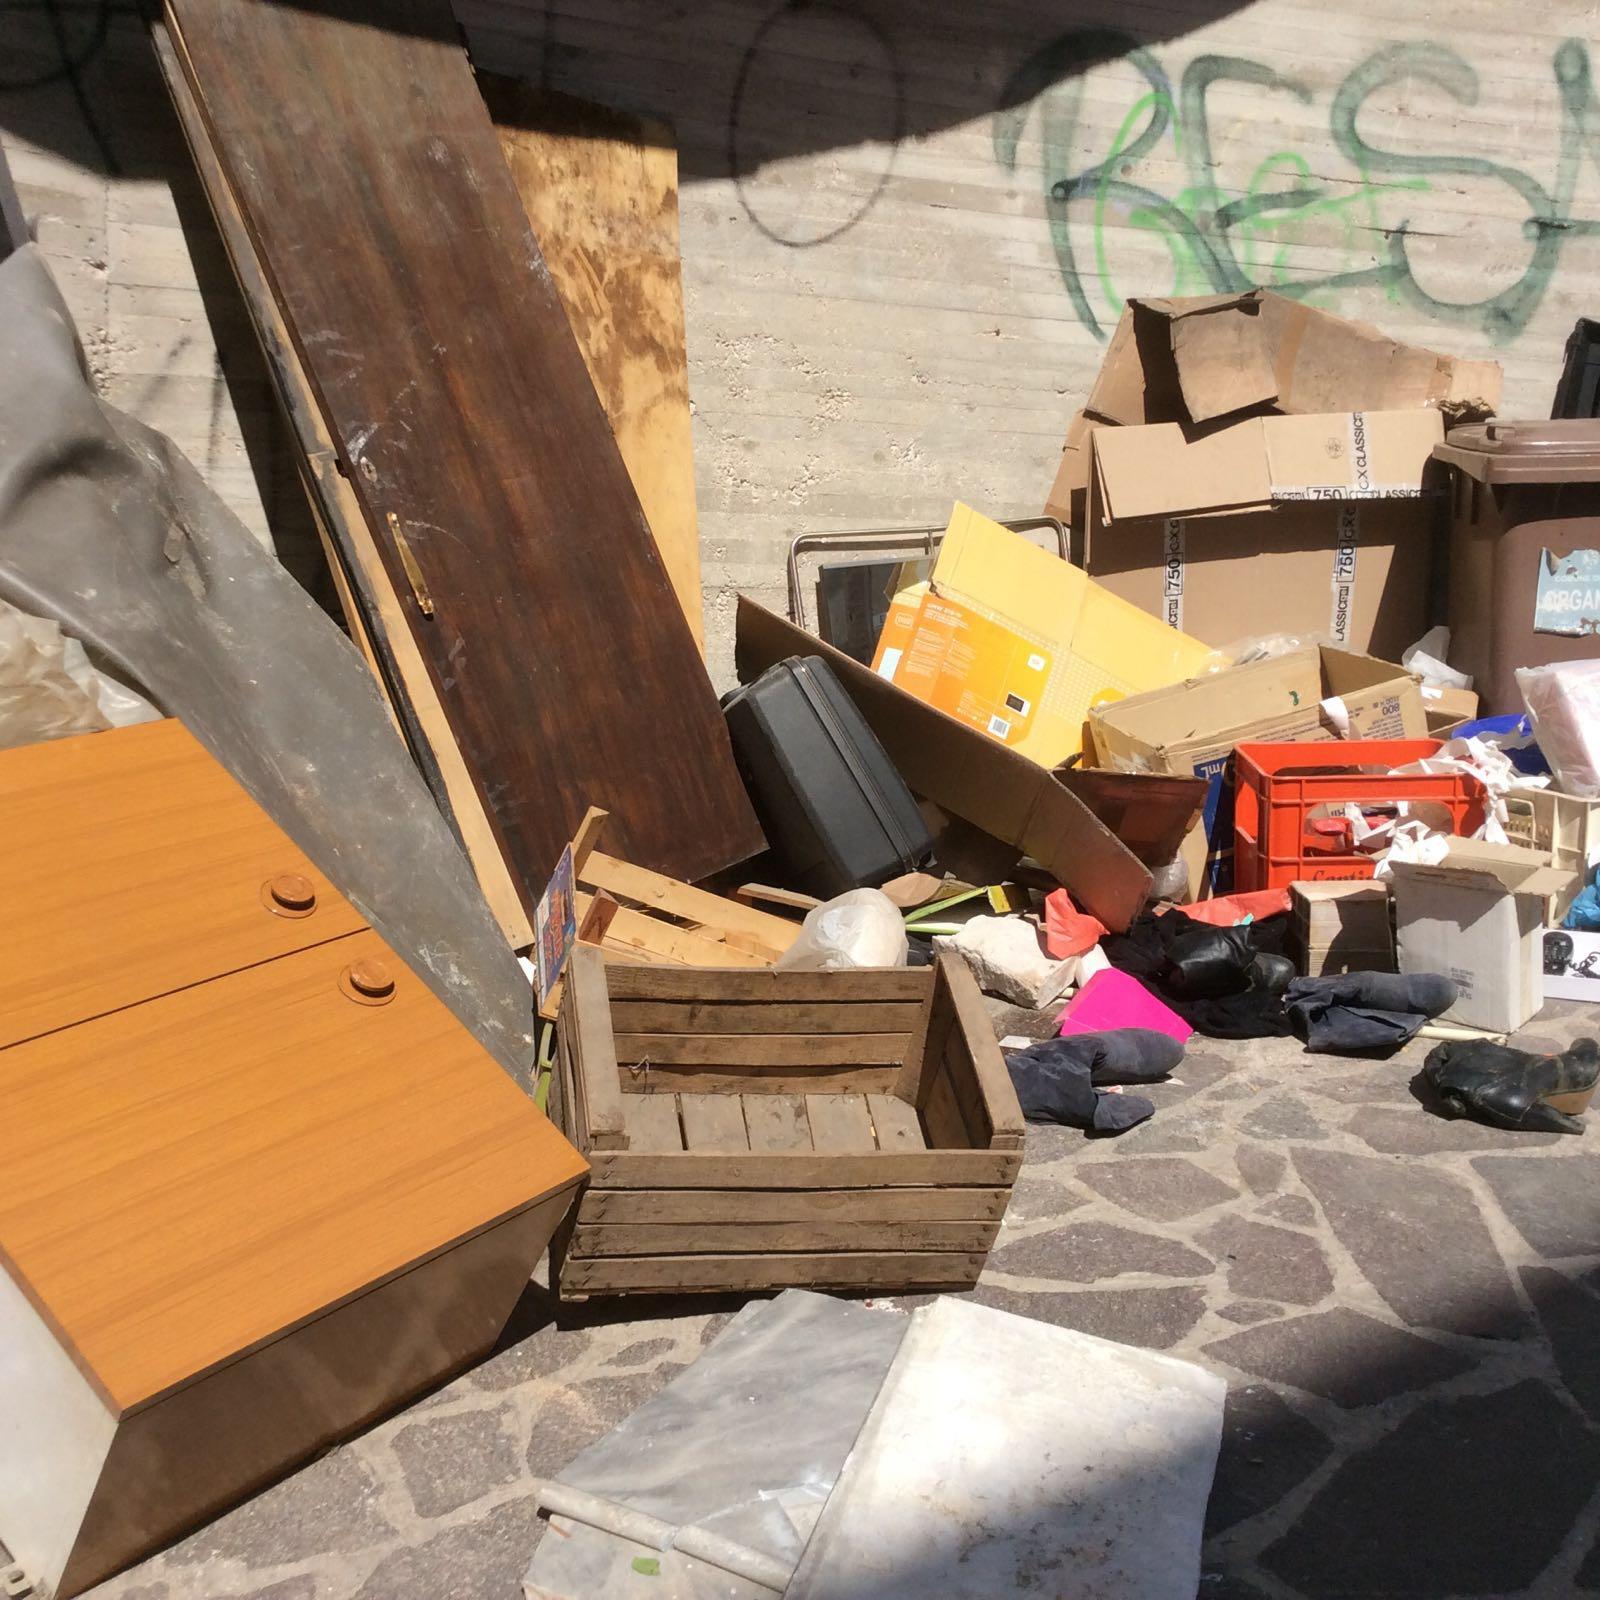 Discarica abusiva in via Nicolini a Chieti